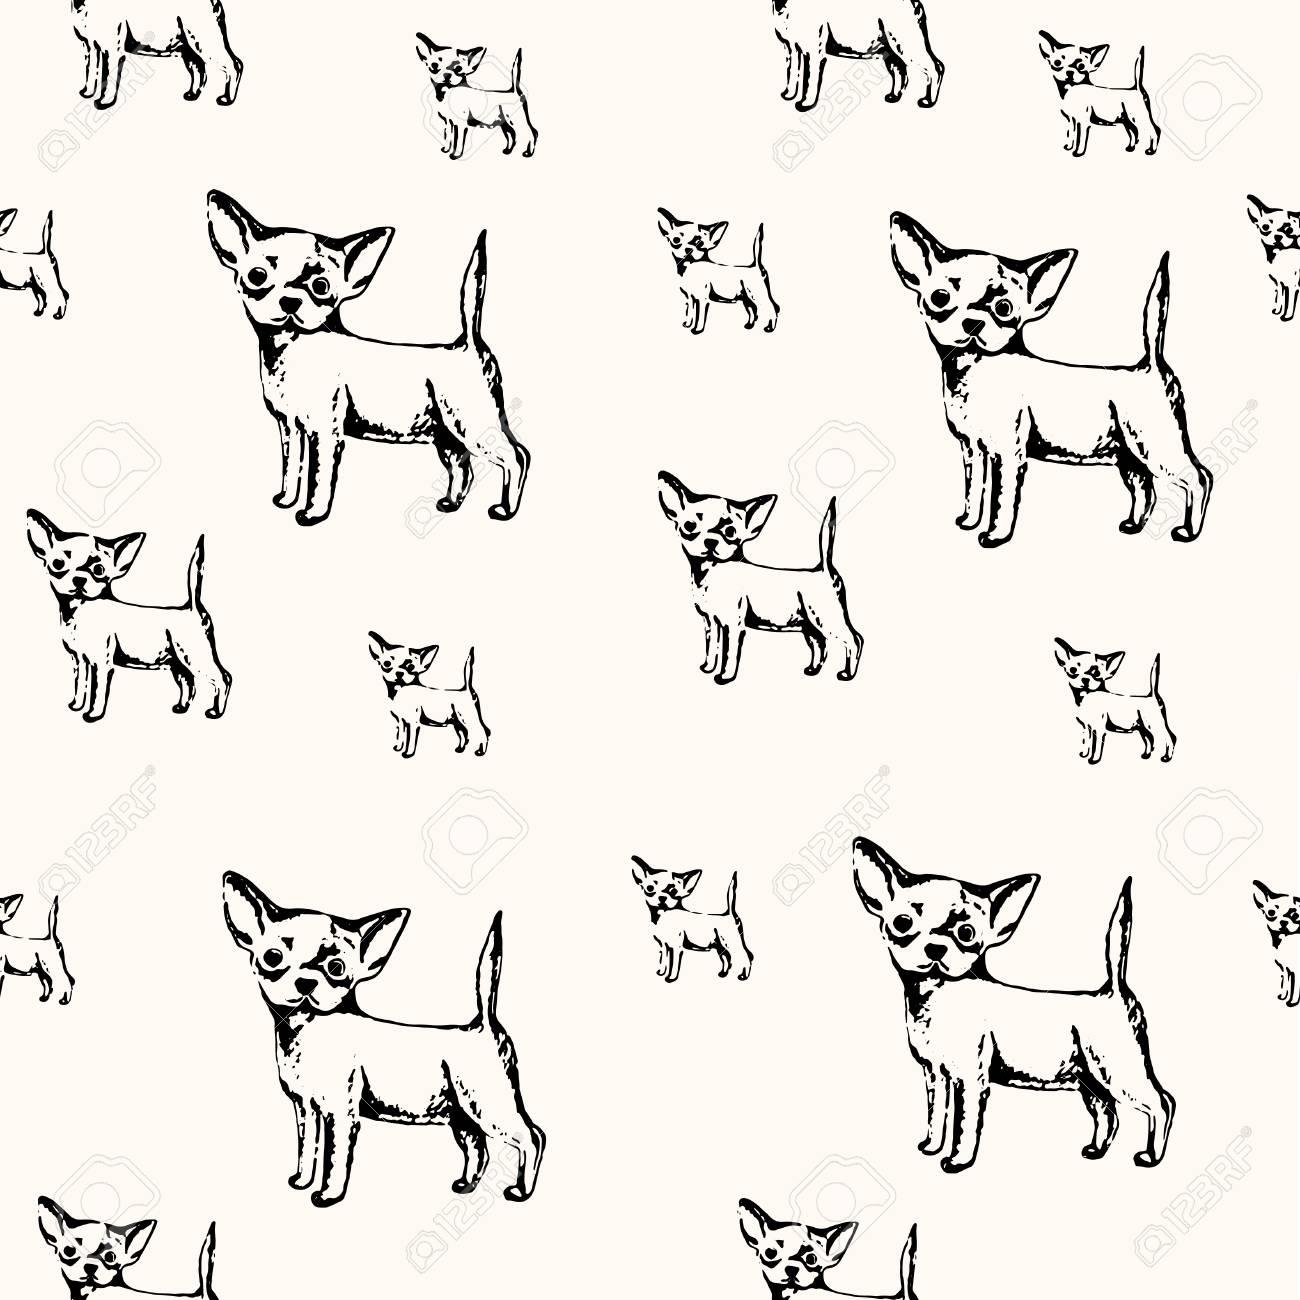 Ilustración Vectorial Pluma Bosquejo Dibujado Del Perrito Chihuahua